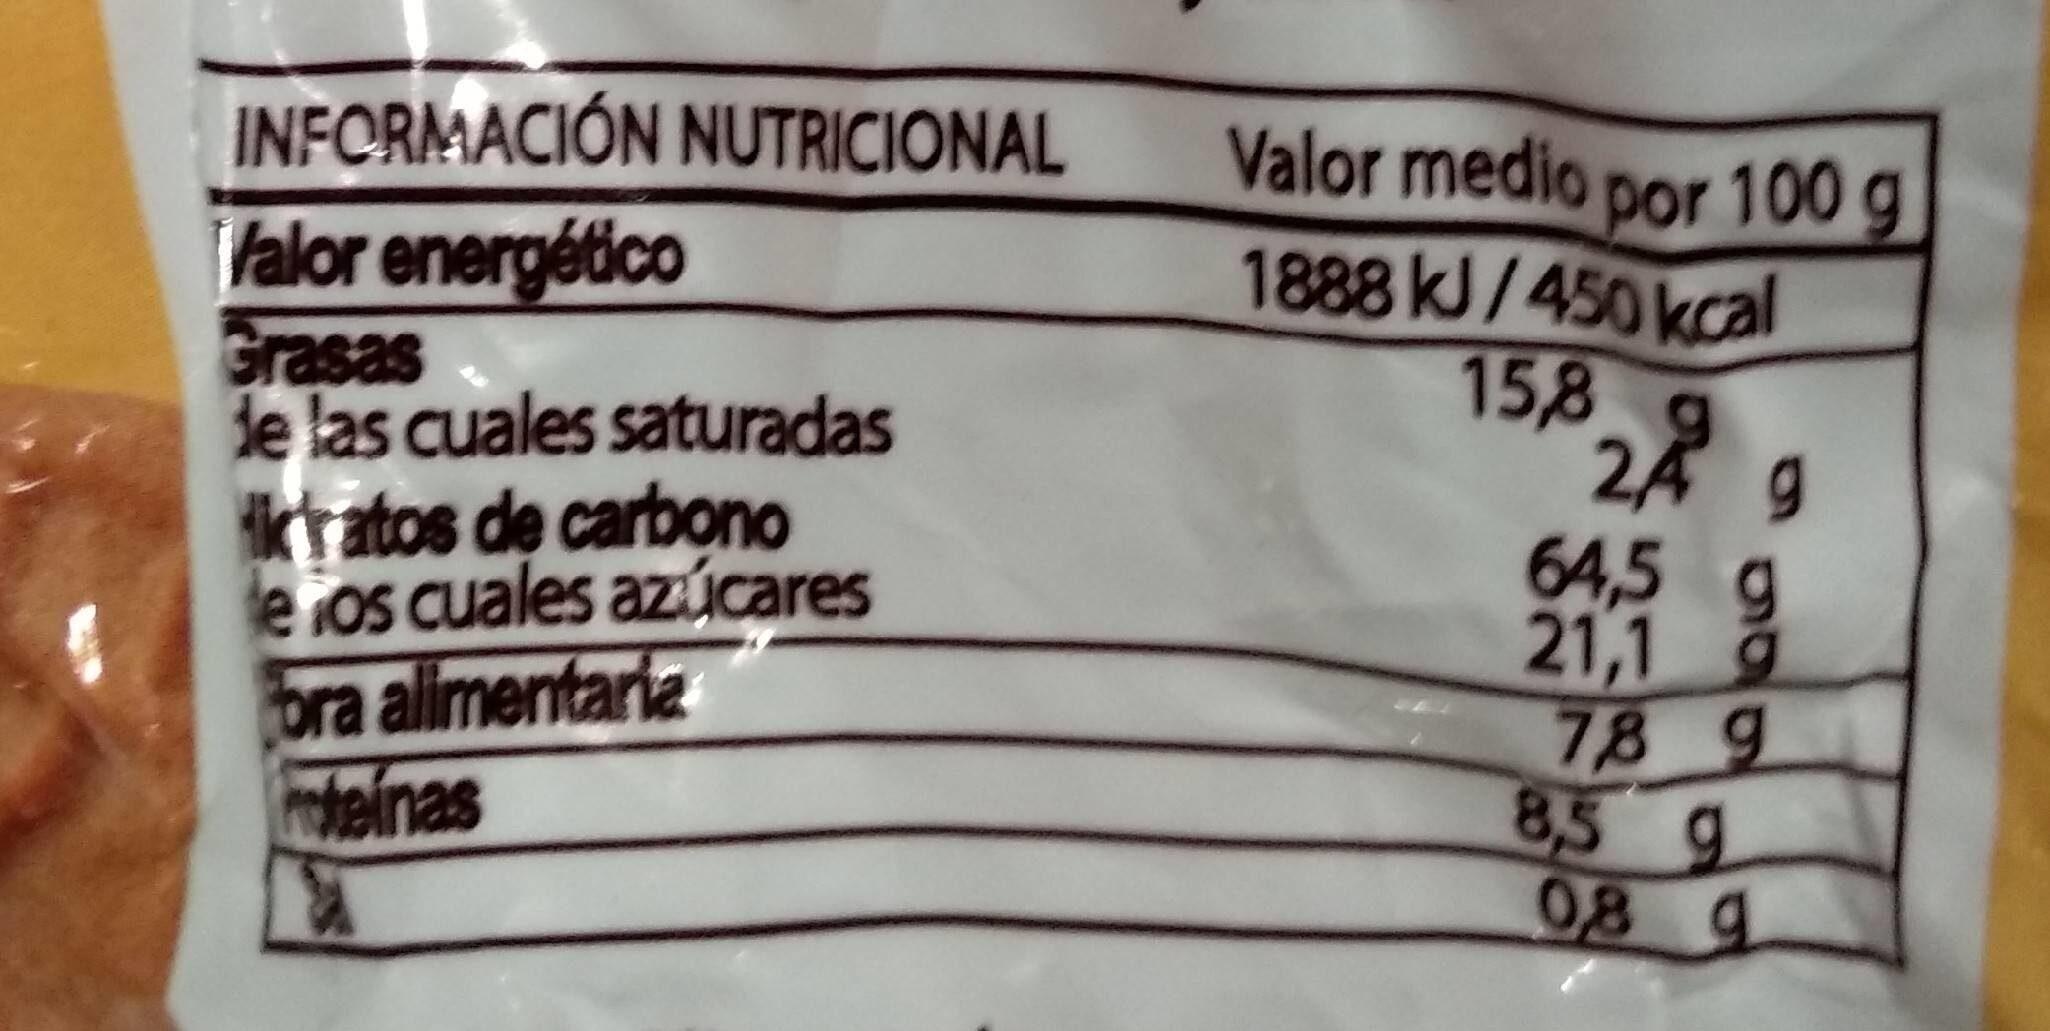 Galletas integrales con fibra - Voedingswaarden